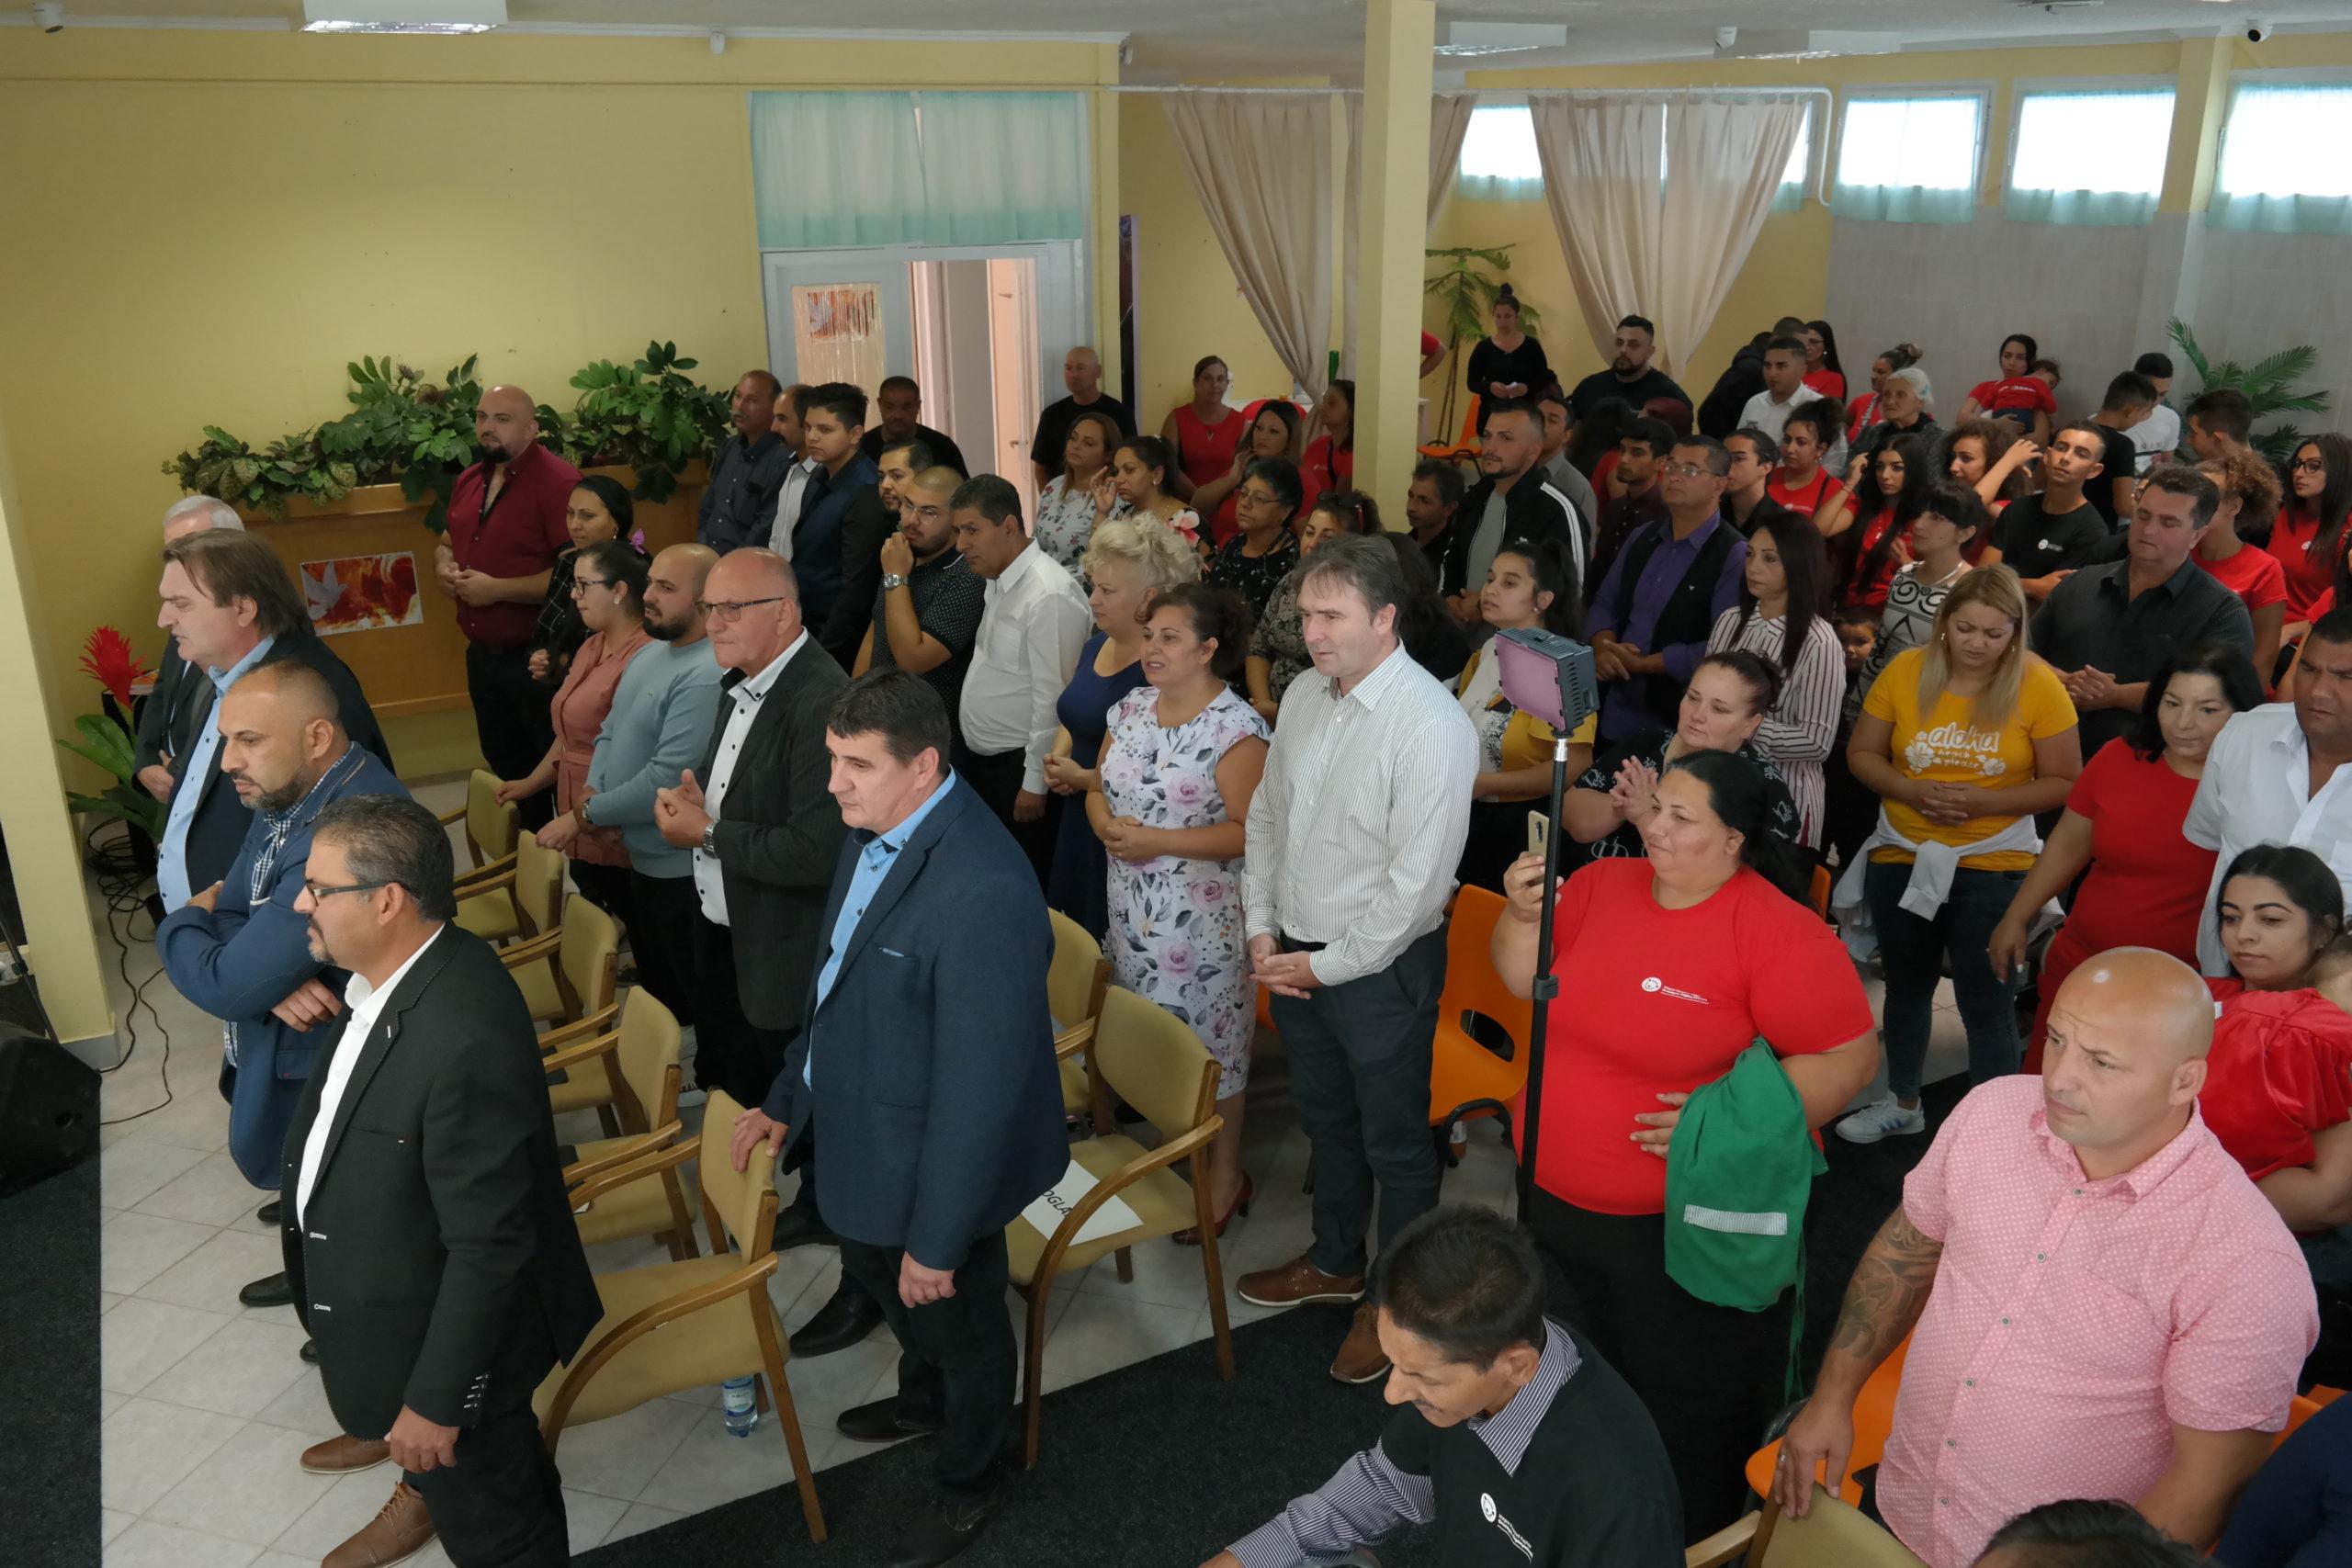 Ünnepélyes megnyitó keretében átadásra került a Reményhír Közösségi Ház 3